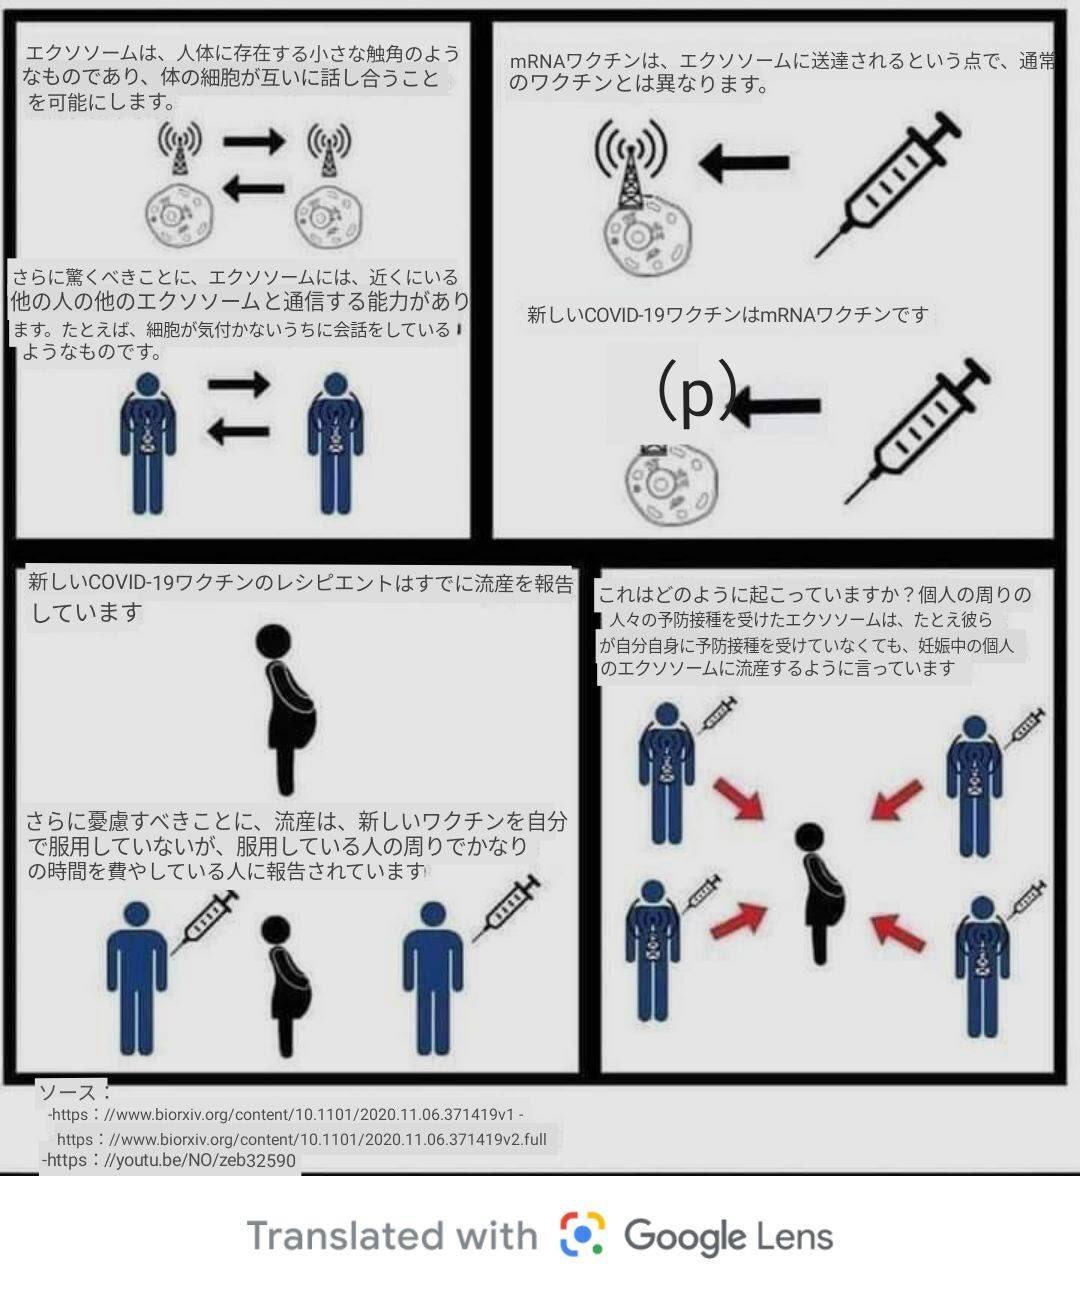 【超ド級:コロナ最新情報】日本での大量虐殺!WHOねつ造のパンデミック告発映画製作中!10年前アフリカで赤十字がワクチンを打って殺した「エボラの真相」!エボラやエイズ、ポリオもウイルスはなかった!_e0069900_15001488.jpg